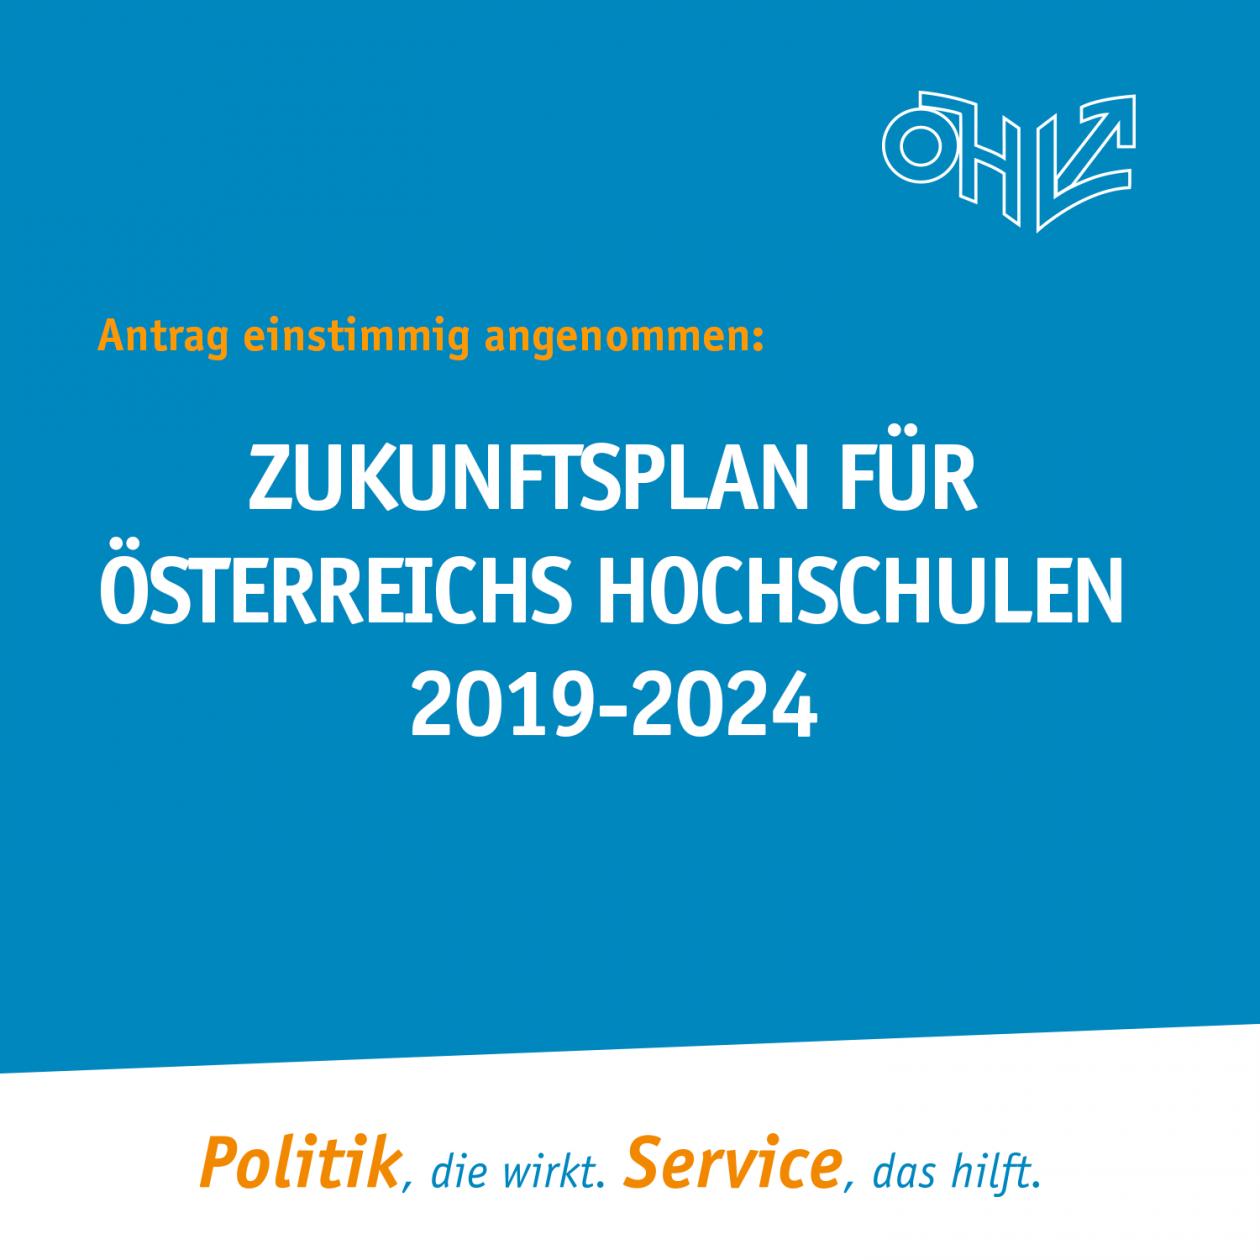 Stellungnahme Zukunftsplan für Österreichs Hochschulen 2019-2024